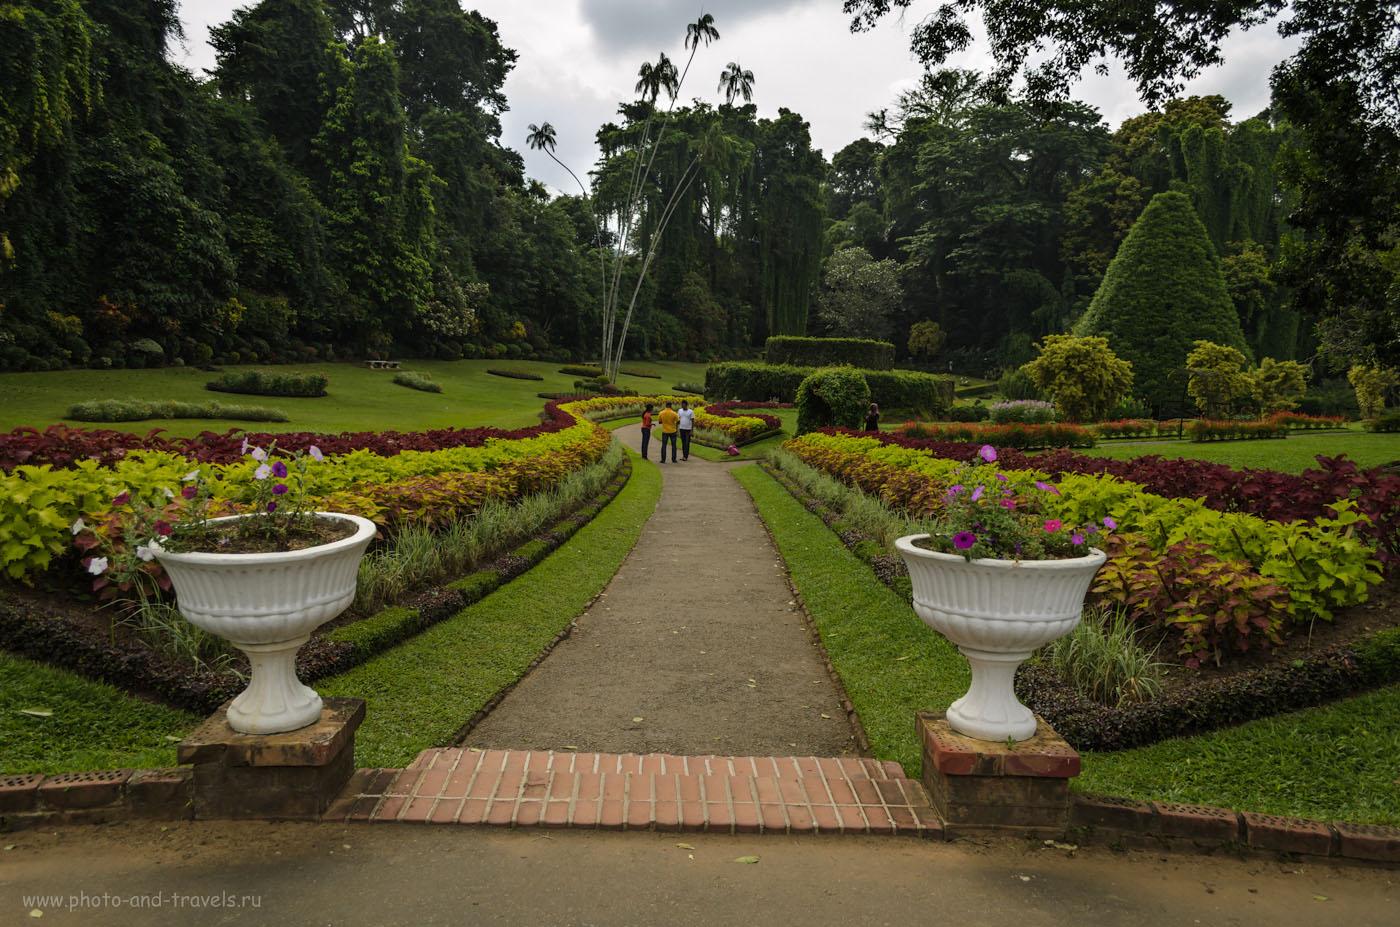 Фотография 16. У центрального входа в Королевский Ботанический Сад Перадения (The Royal Botanical Garden of Peradeniya) в окрестностях города Канди (Kandy). Отзывы об отдыхе на Шри-Ланке. Интересные экскурсии.